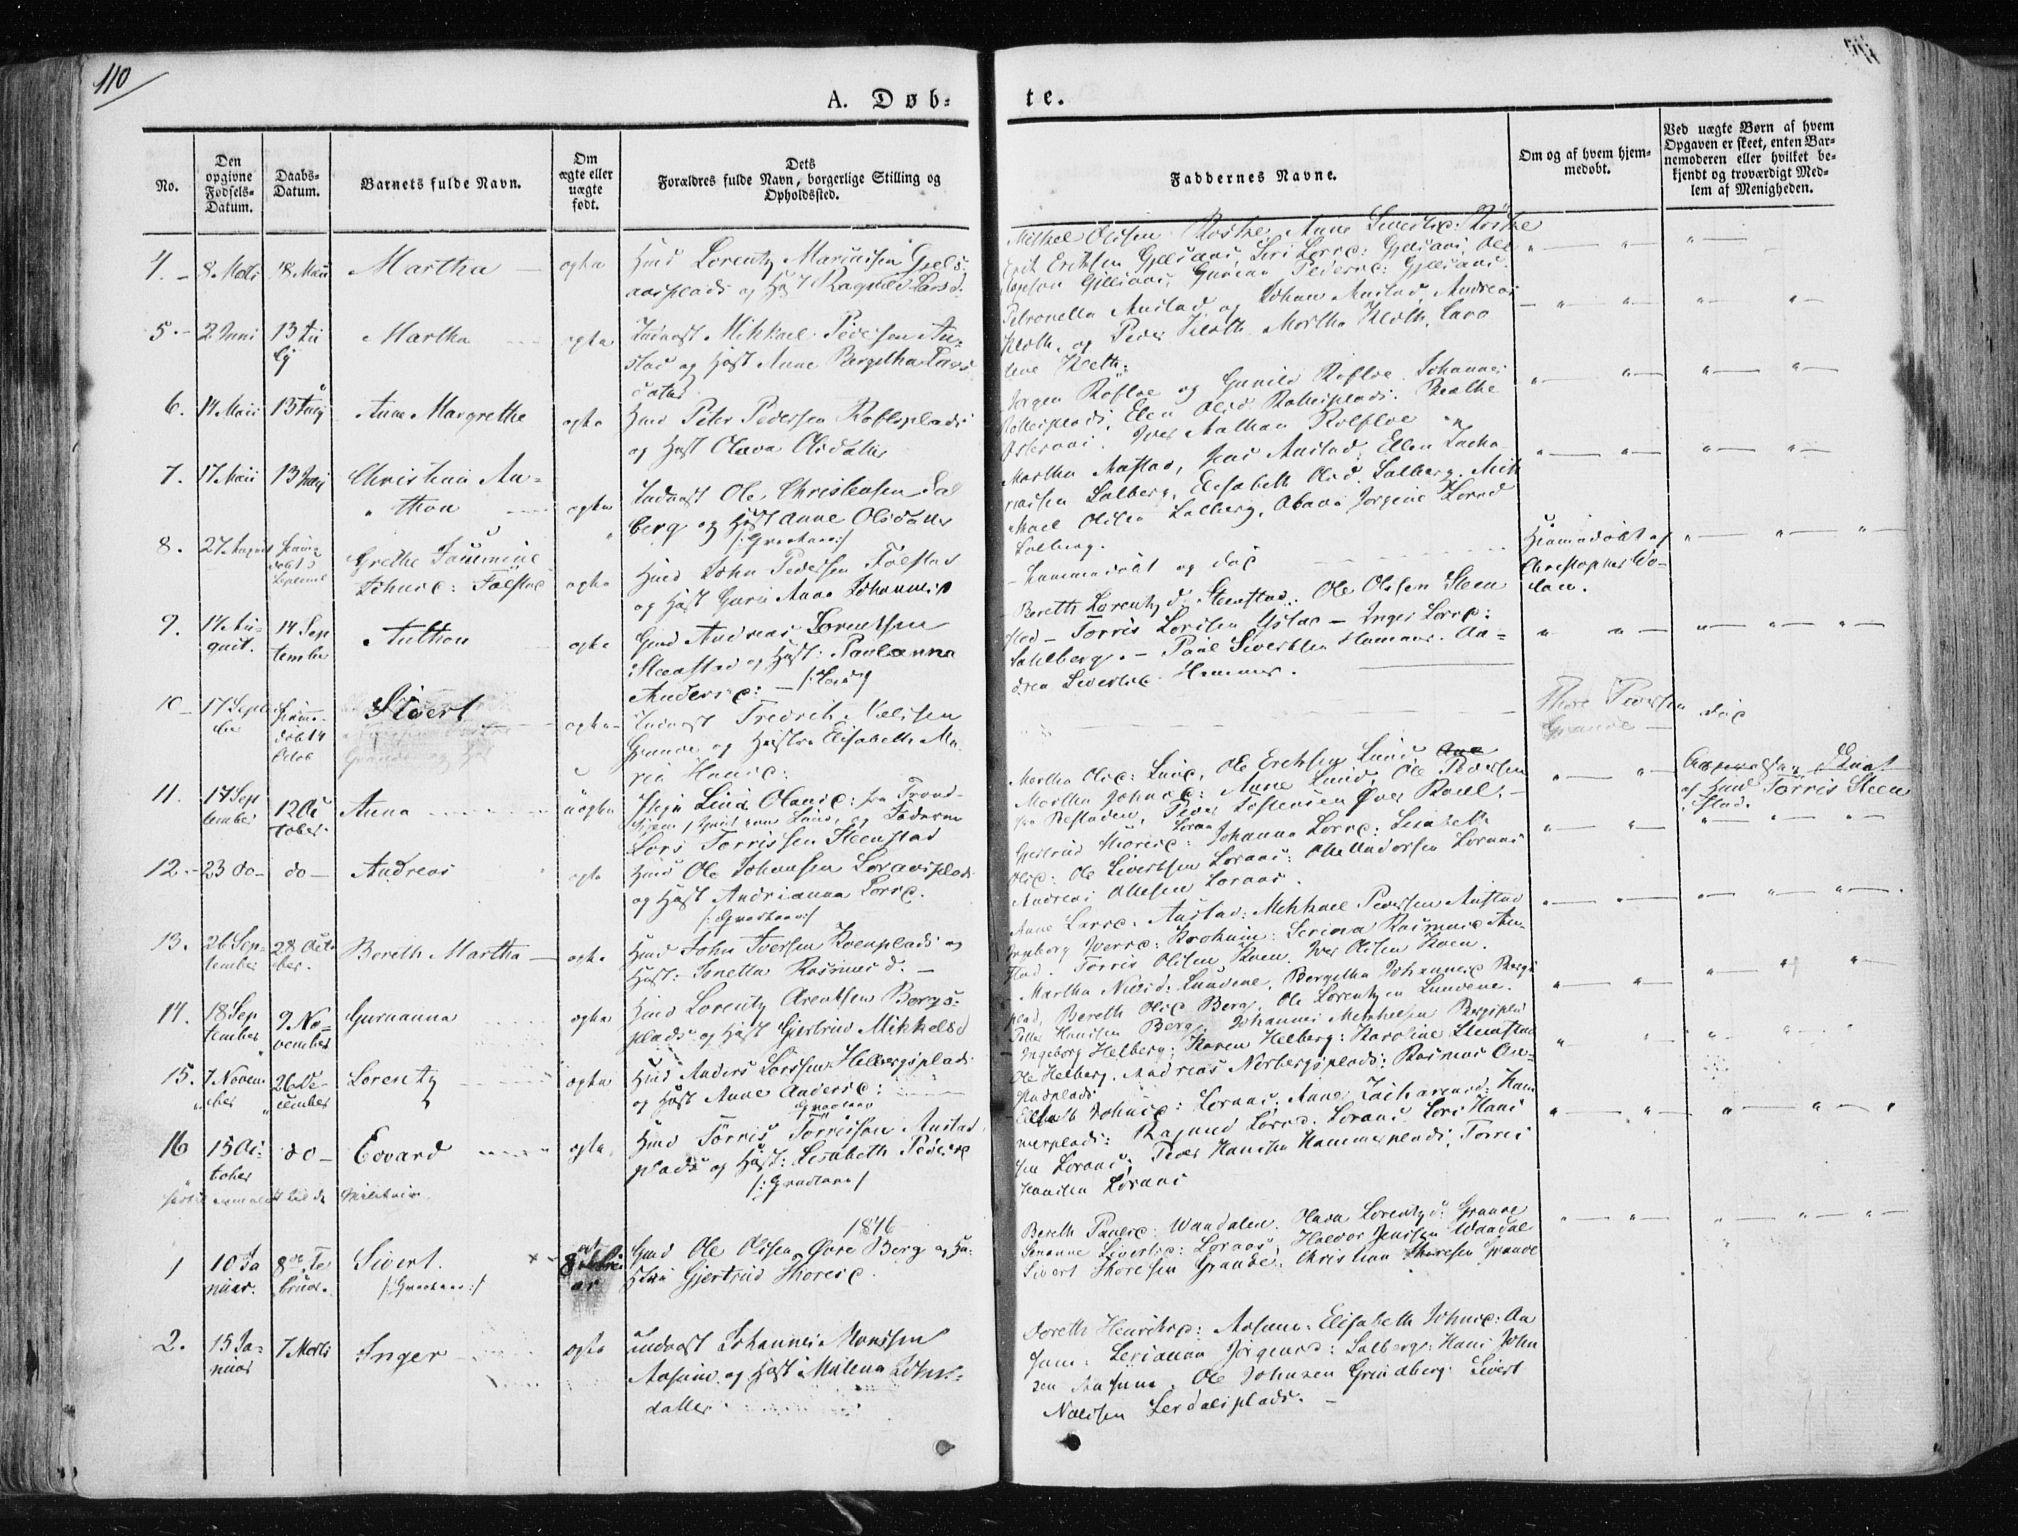 SAT, Ministerialprotokoller, klokkerbøker og fødselsregistre - Nord-Trøndelag, 730/L0280: Ministerialbok nr. 730A07 /2, 1840-1854, s. 110